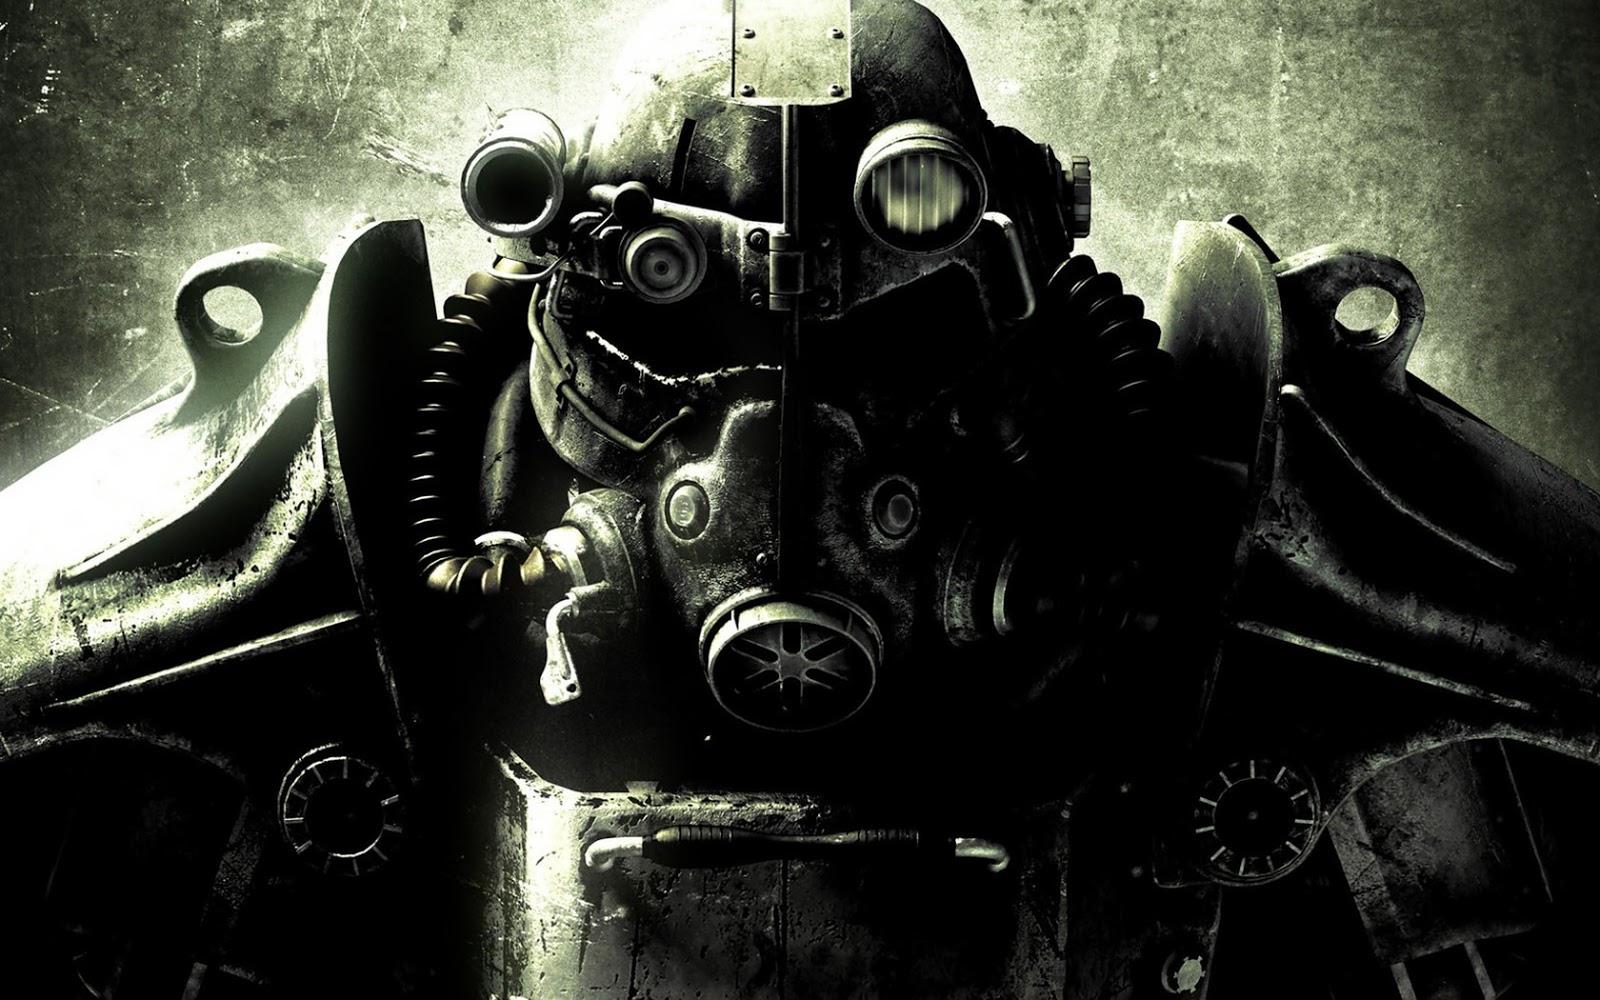 http://2.bp.blogspot.com/-VePZlKaxIB8/Tp2KHHjMb6I/AAAAAAAADjk/SKjdIopuZLI/s1600/Fallout_3_Brotherhood_of_Steel_Wallpaper_Vvallpaper.Net.jpg